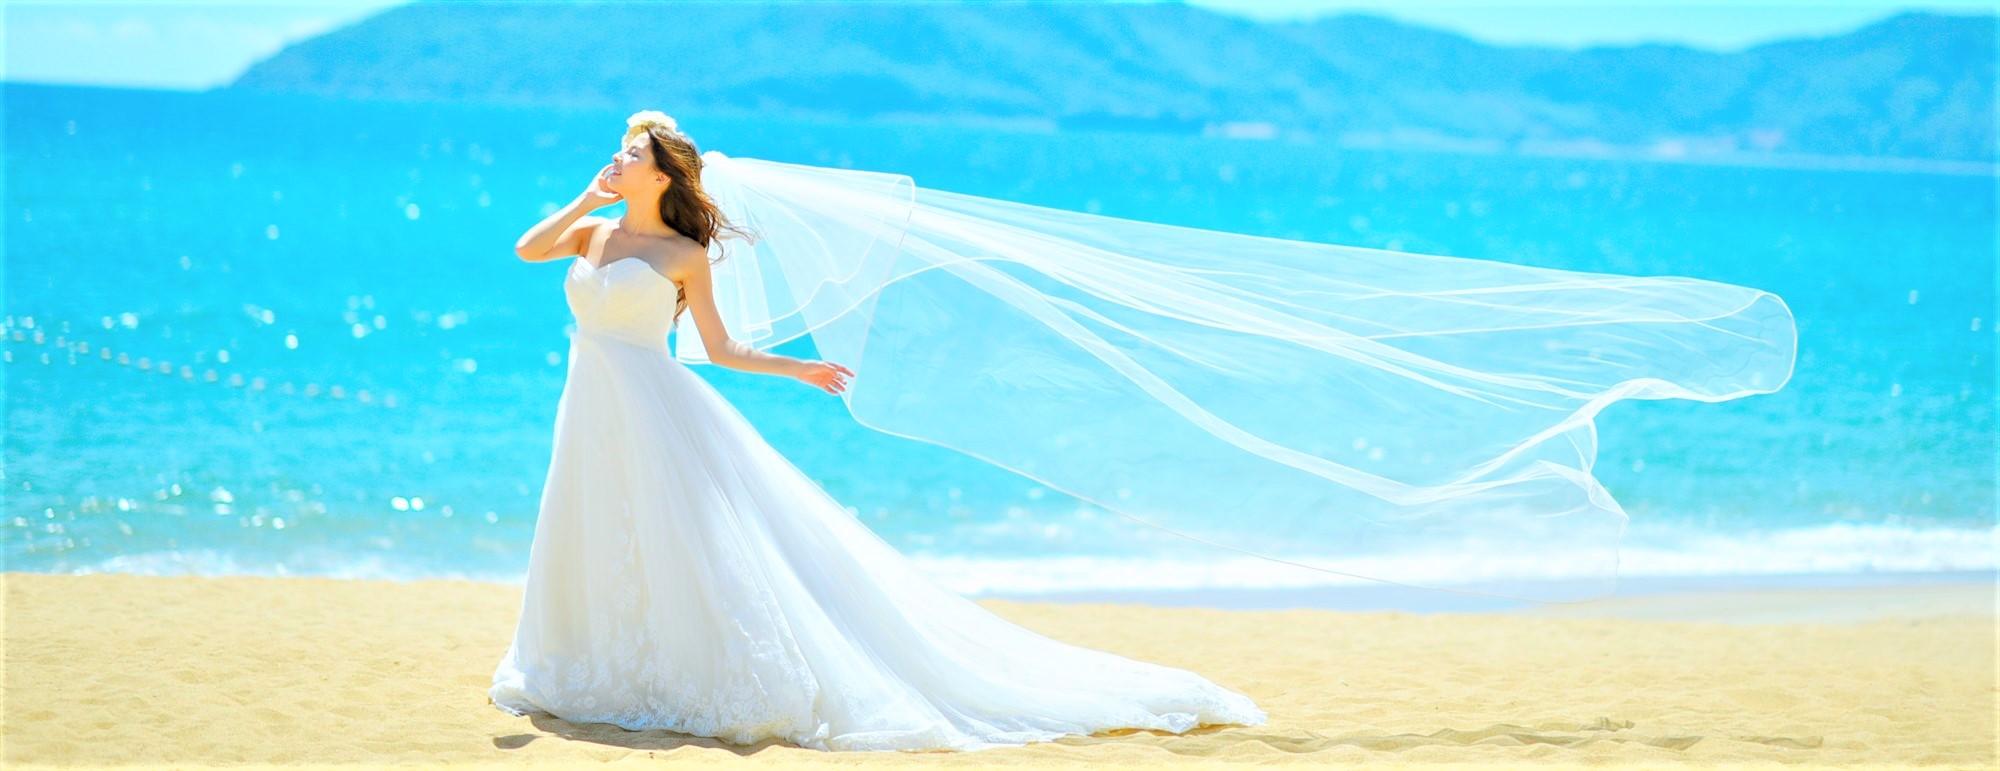 ベトナム・ダナン・ビーチウェディング<br /> Angsana Lang Co Wedding<br /> アンサナ・ラン・コー挙式